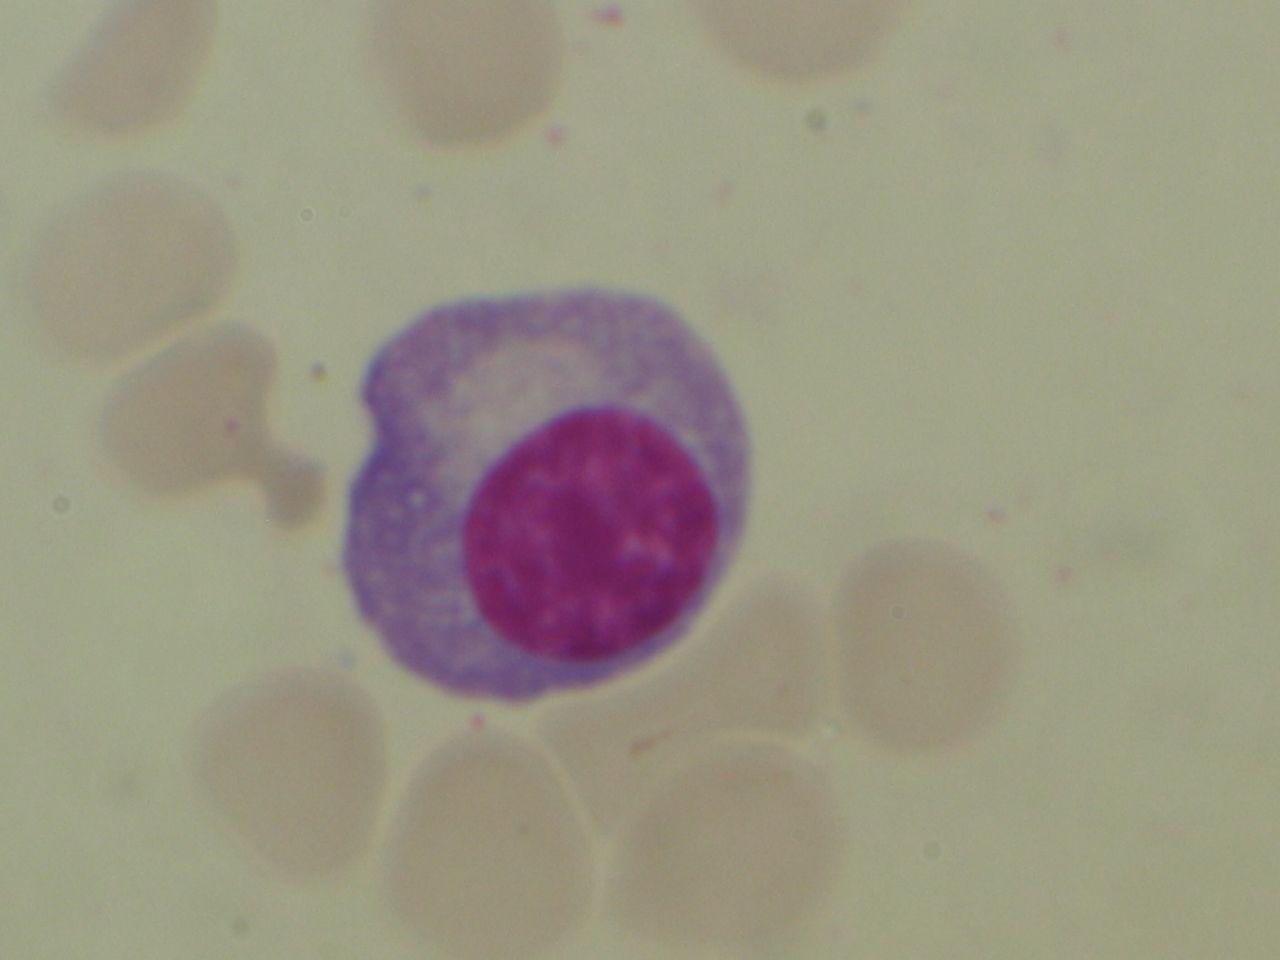 Salisbury's Graduate Histology